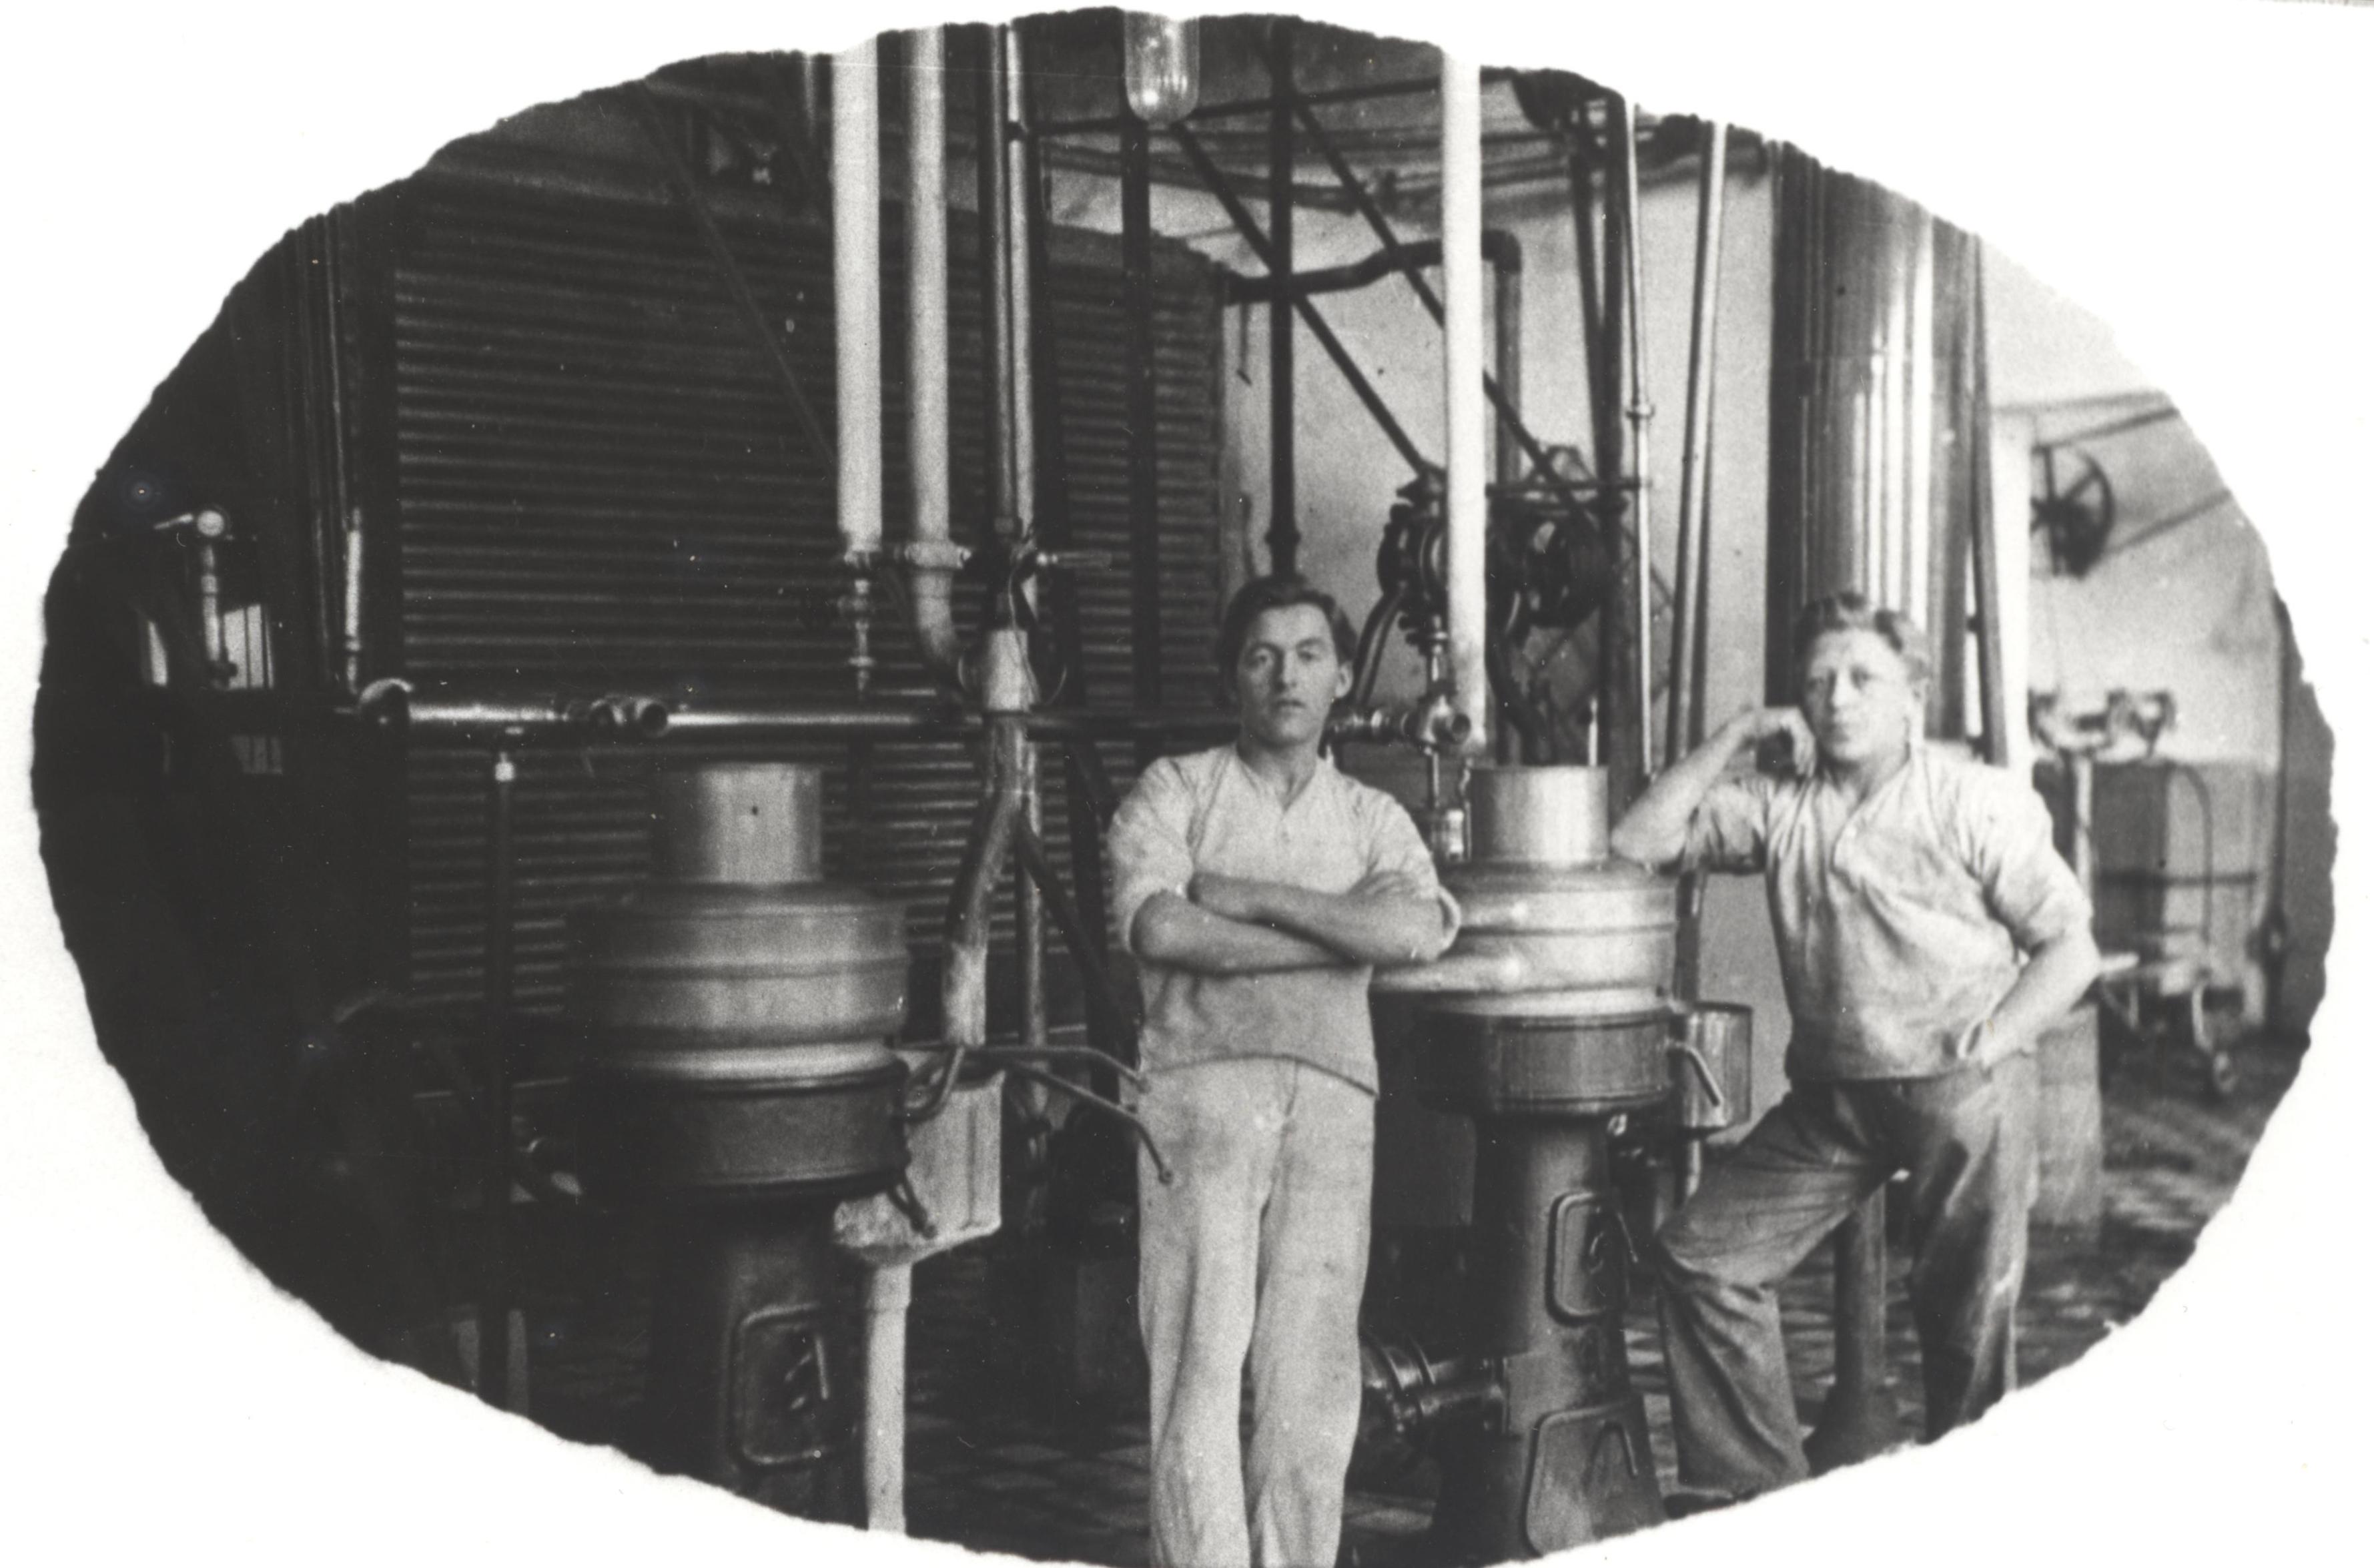 Alfa Laval centrifugerne var det tekniske grundlag for den store smørproduktion.